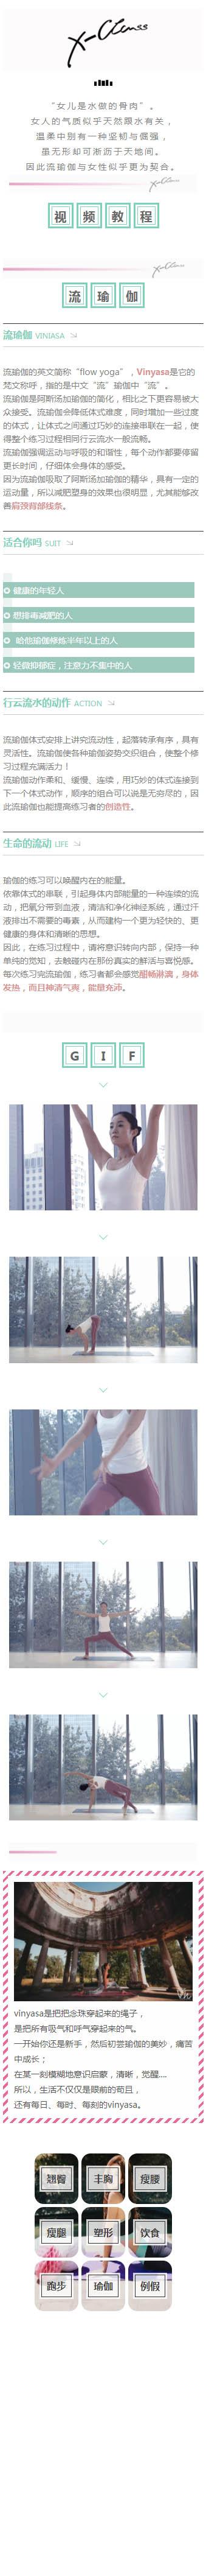 瑜伽健身运动介绍